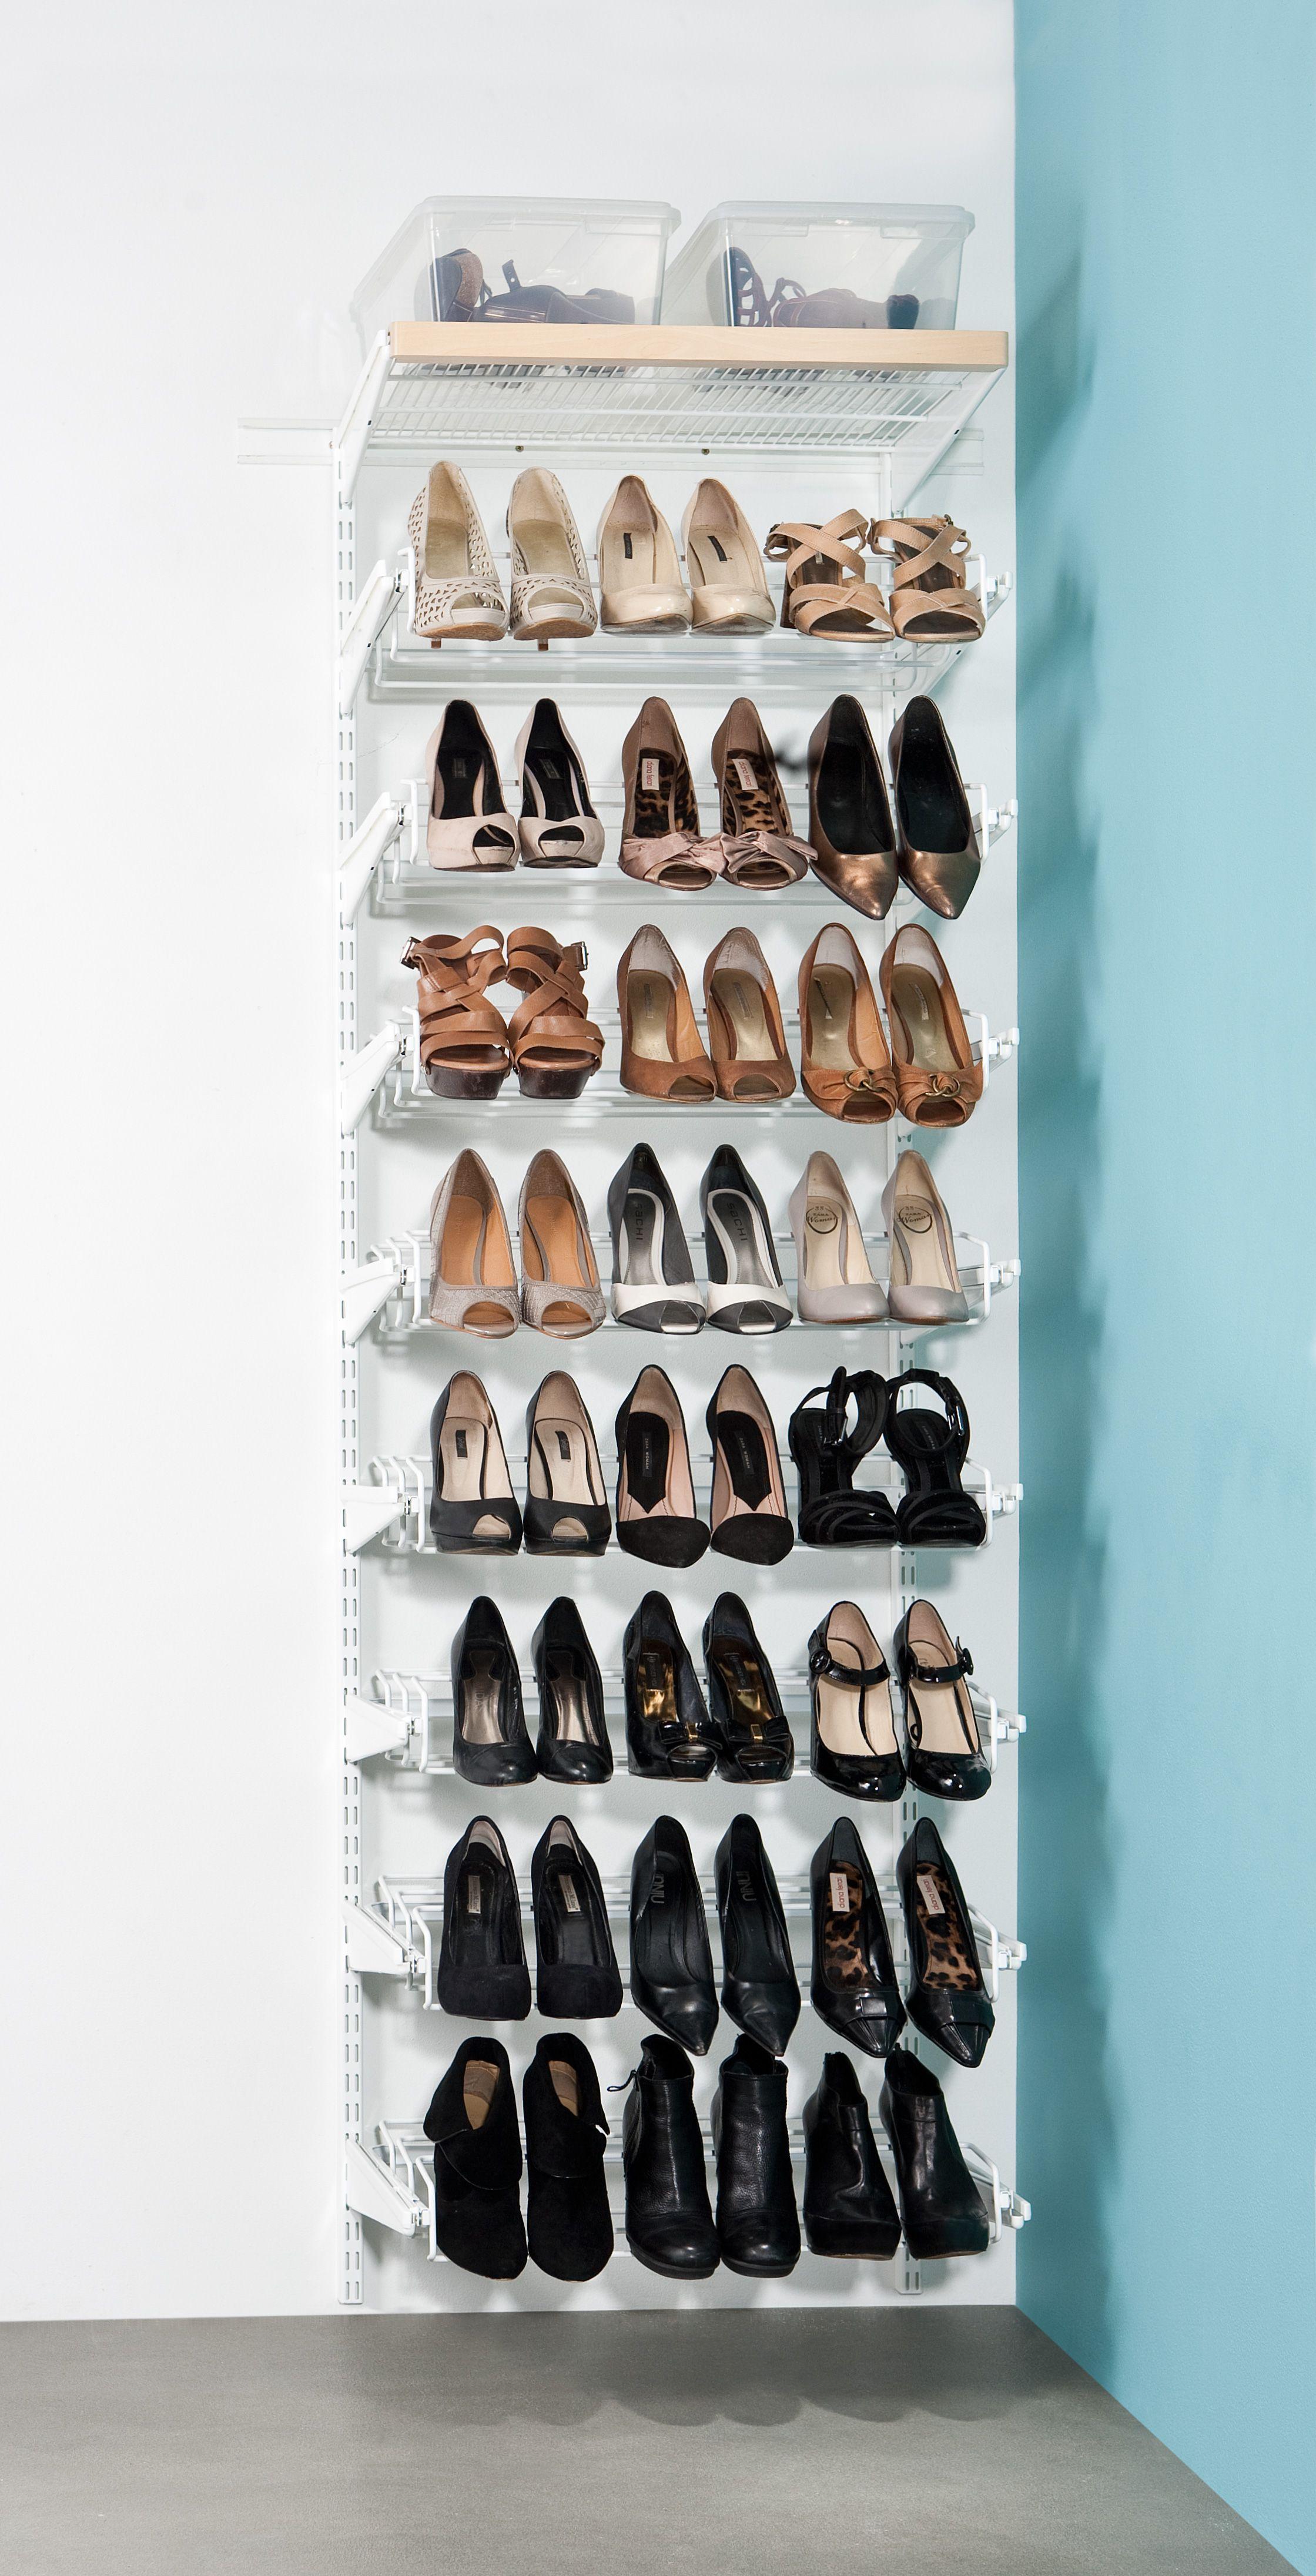 Elfa gliding shoe rack available at howards storage world - Howards storage ...